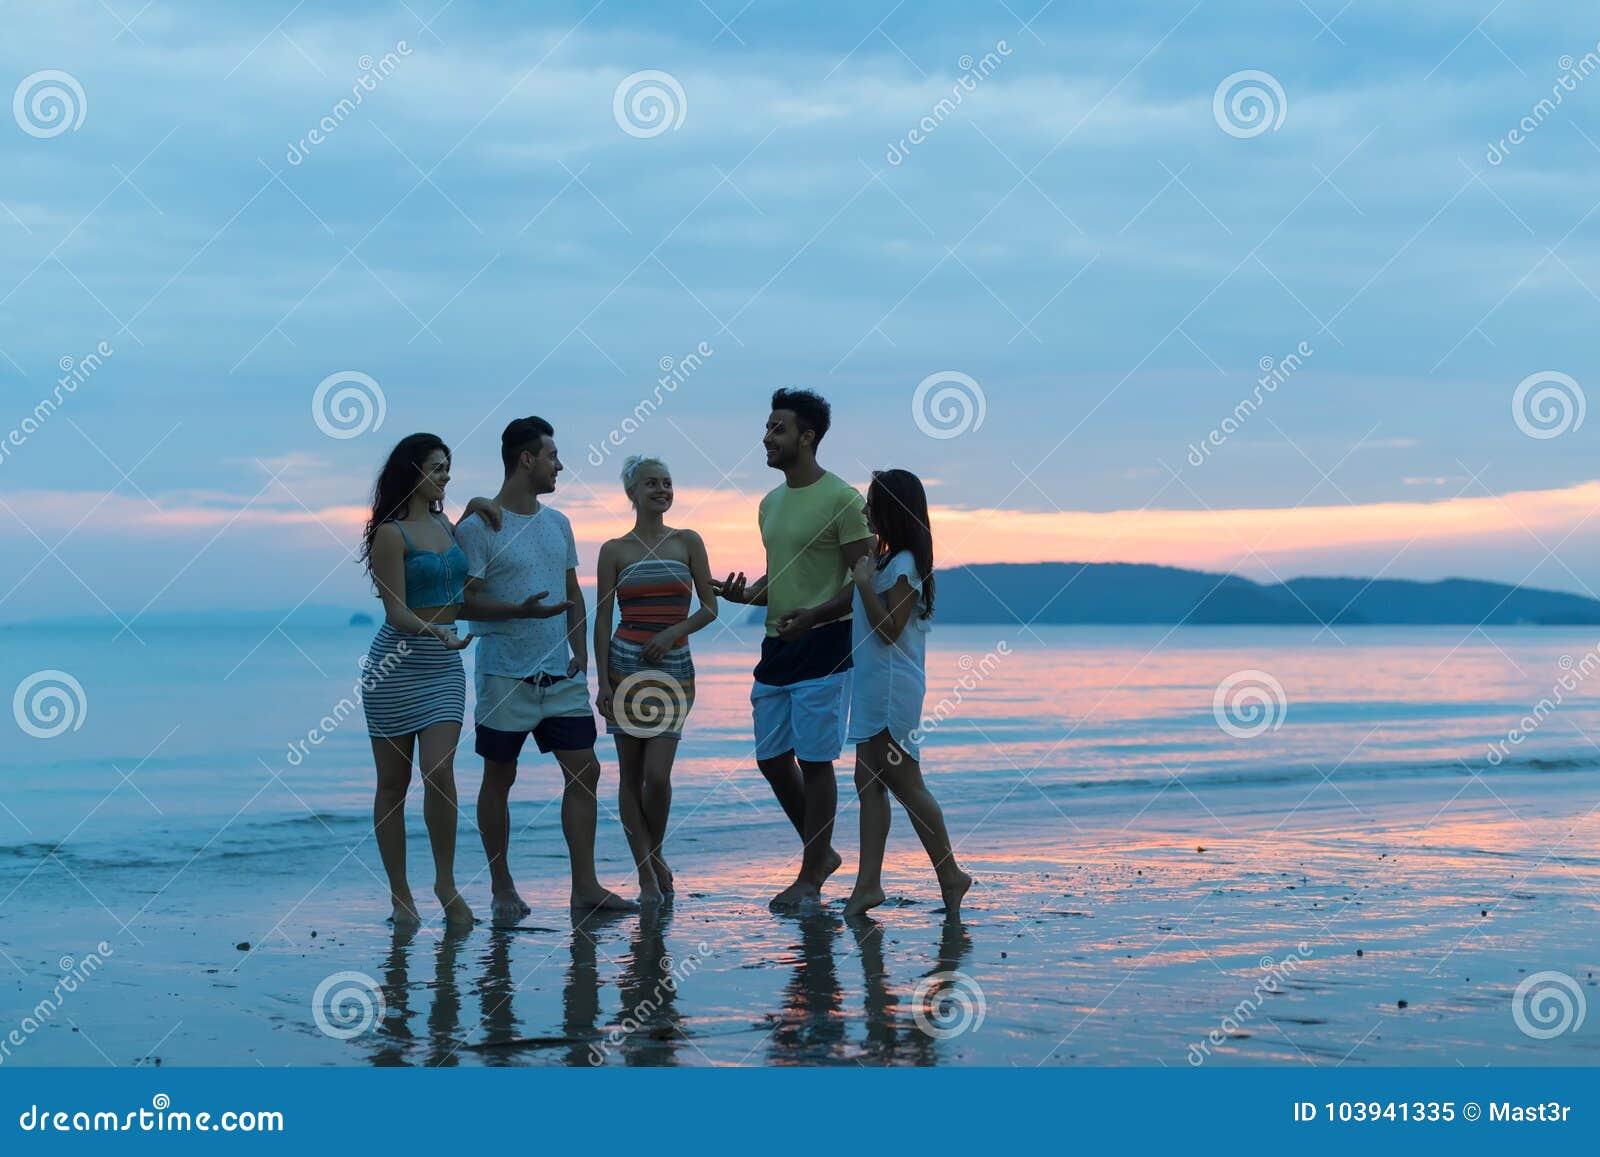 Les gens parlant sur la plage au coucher du soleil, jeune groupe de touristes marchant sur la mer dans la communication de soirée